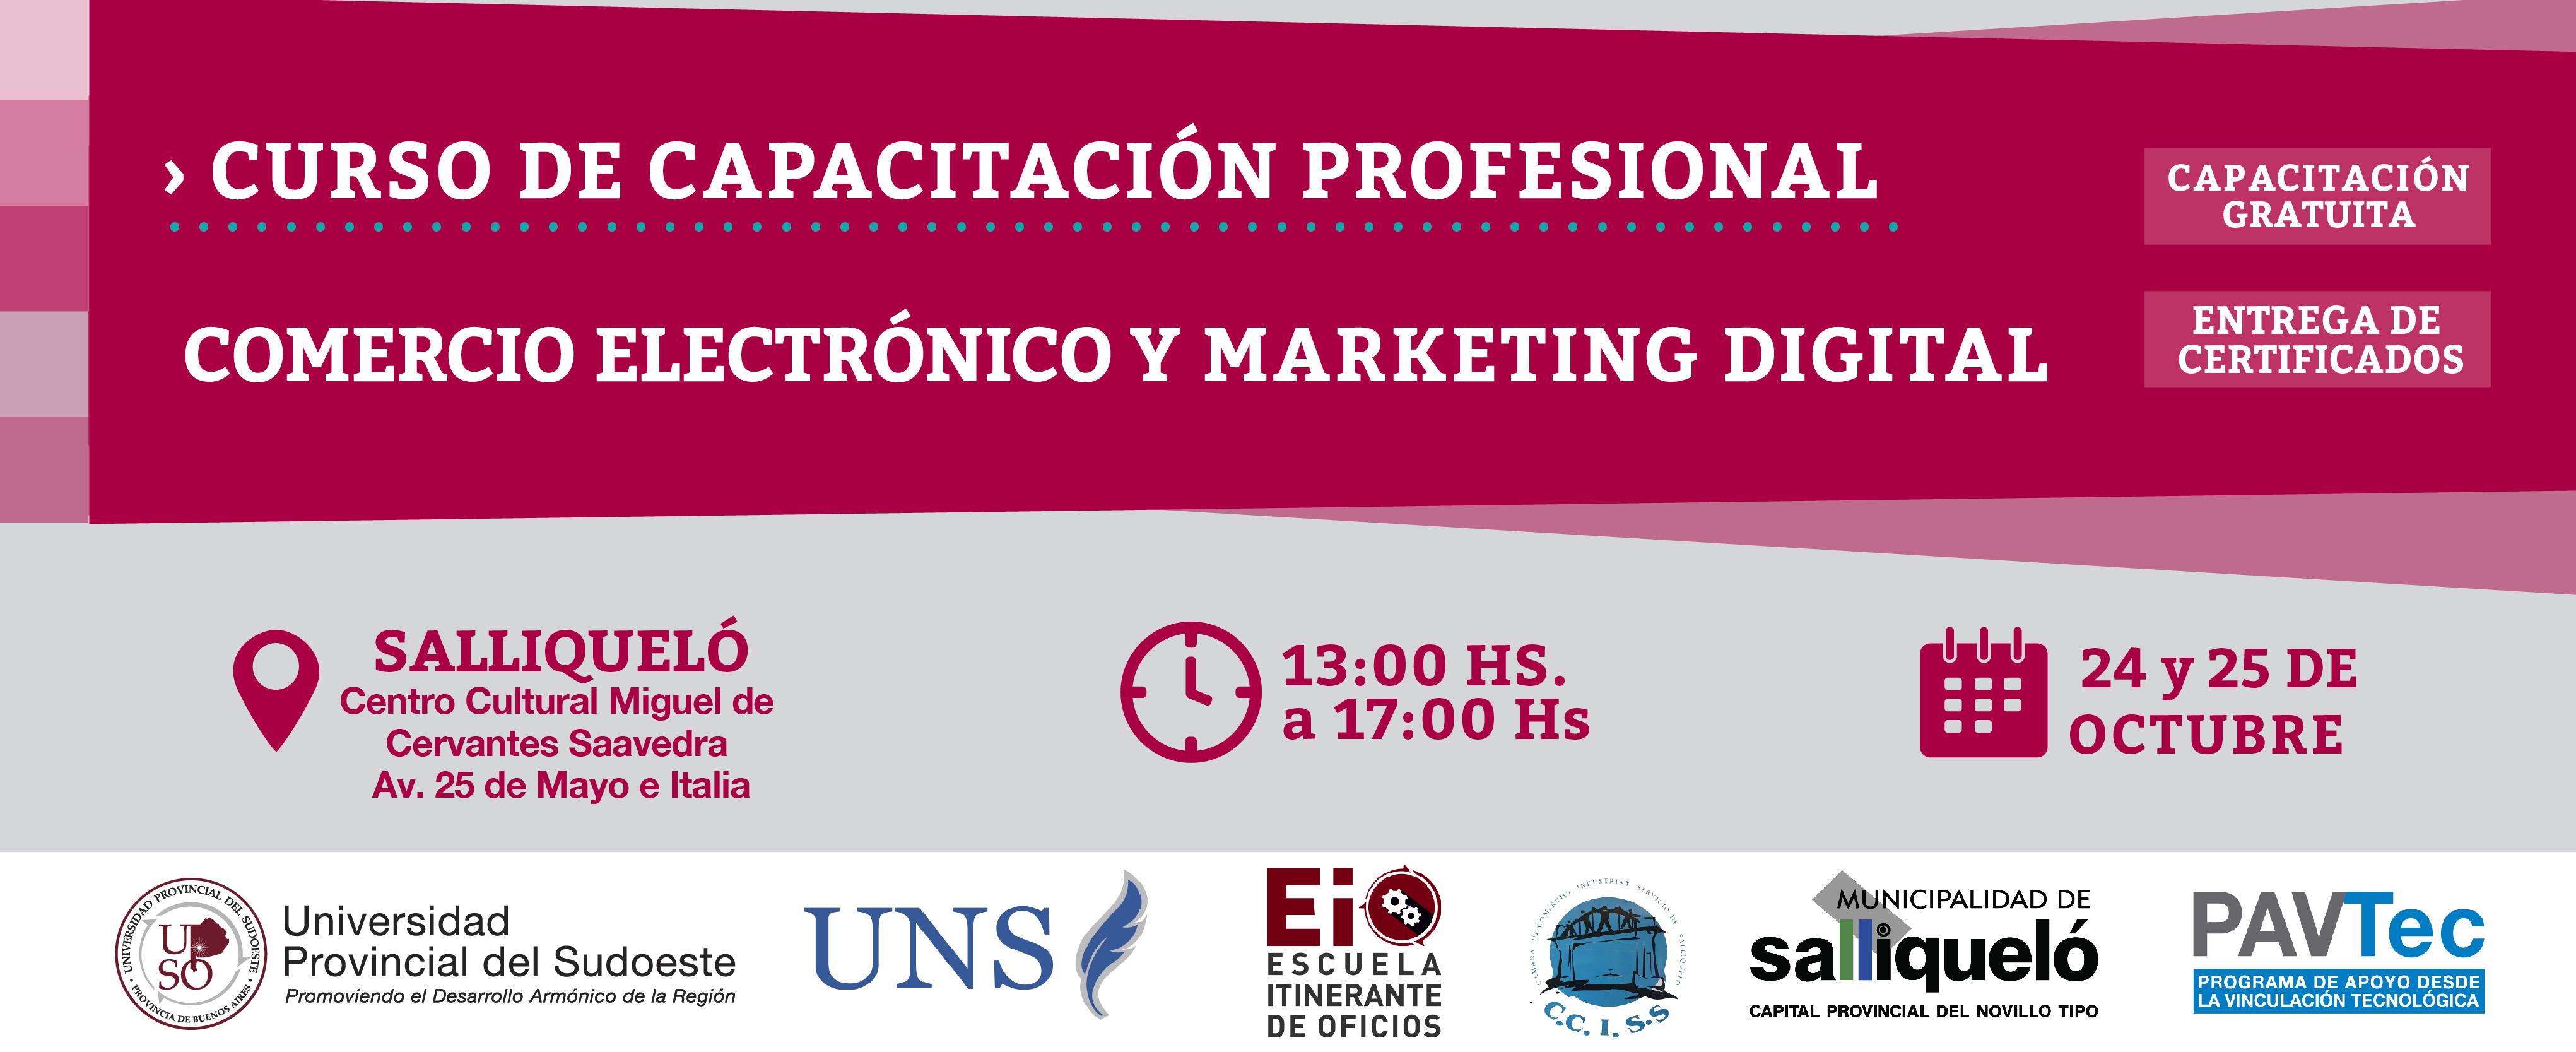 Destacada Marketing digital -01